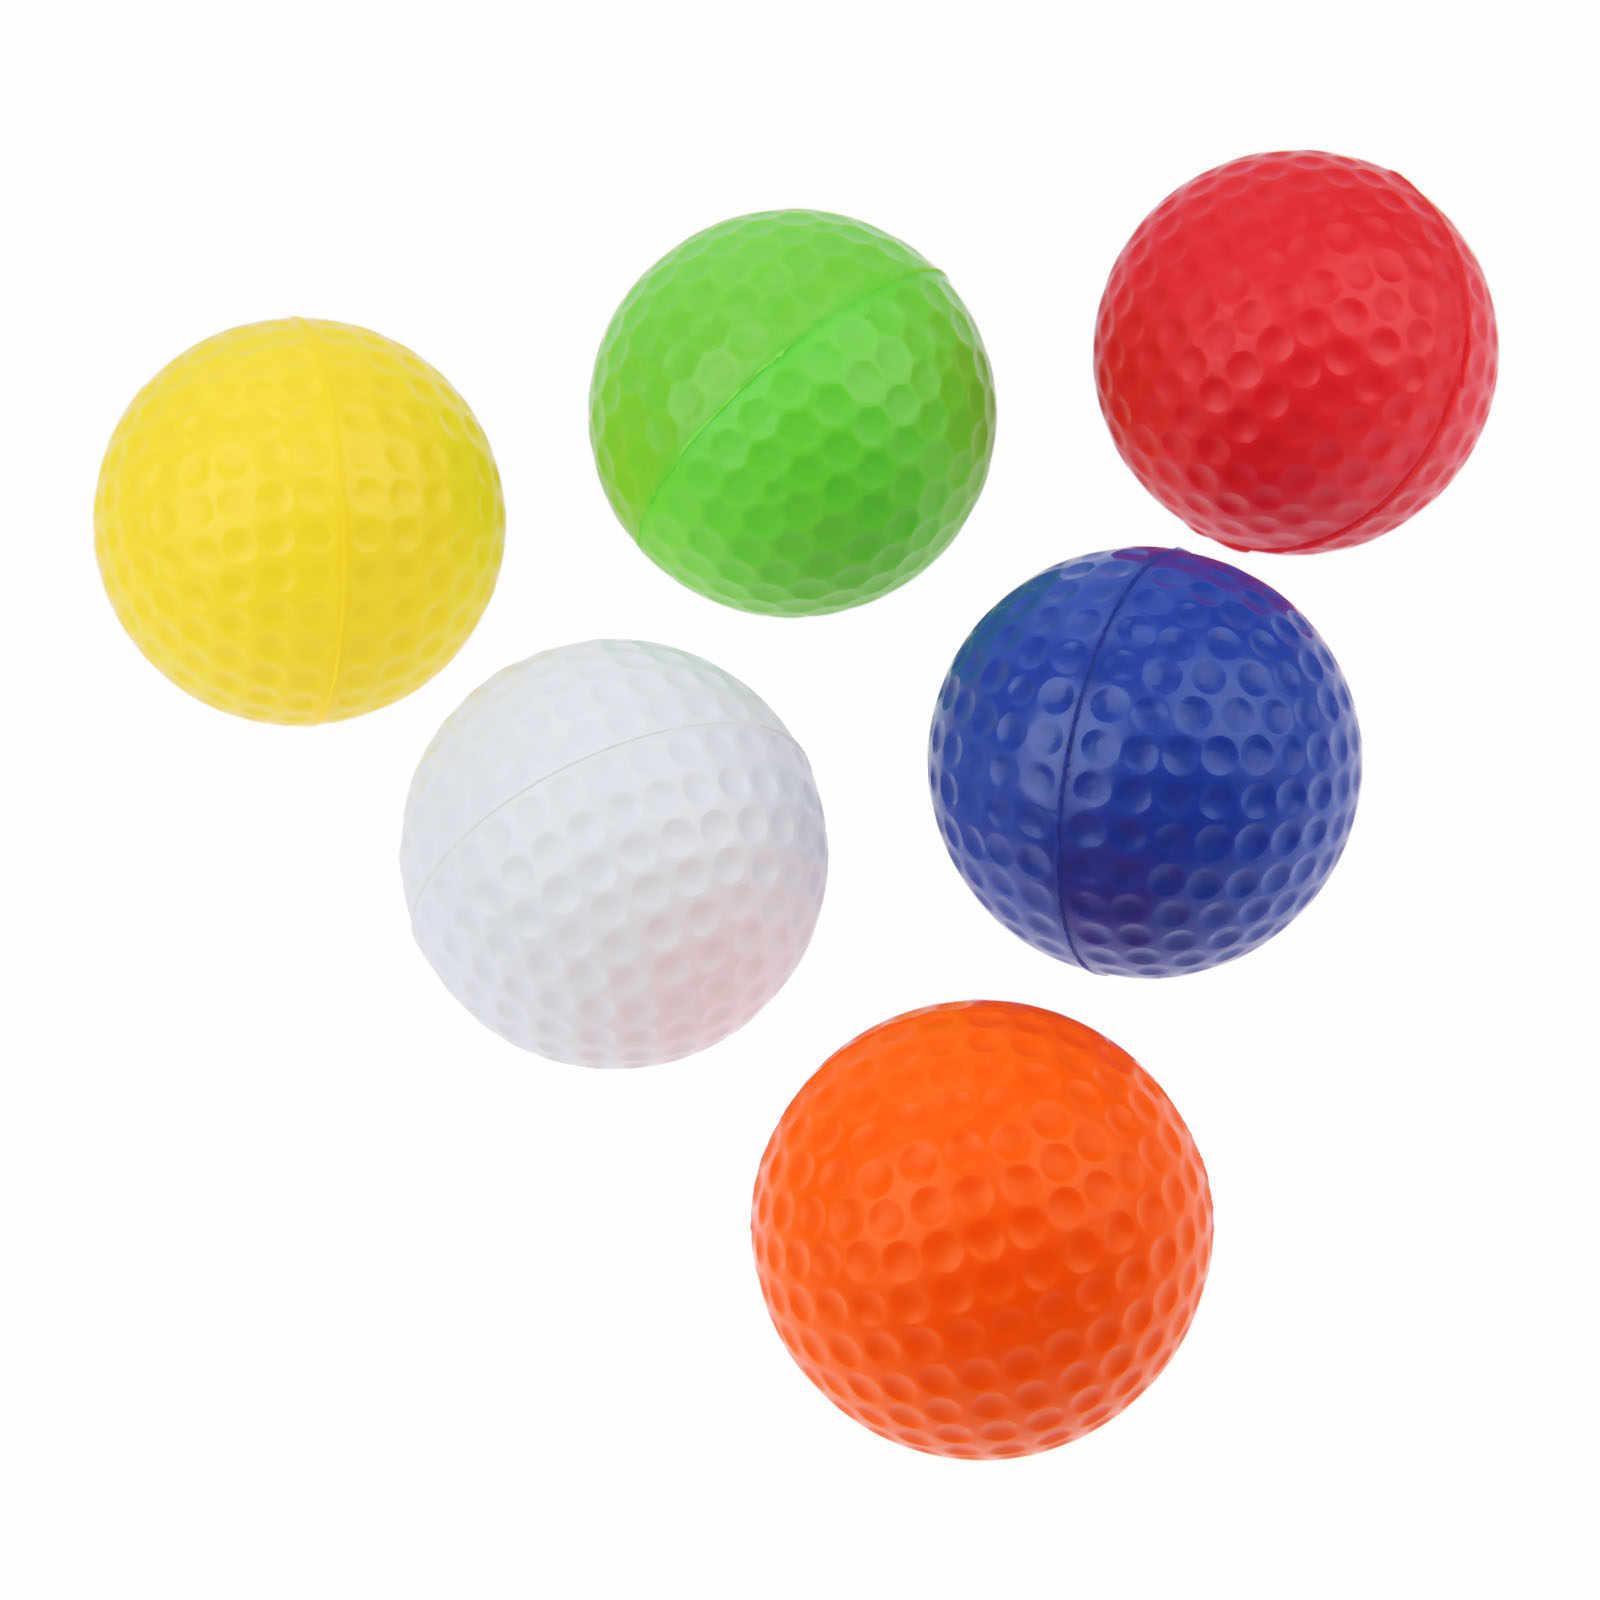 Surieen 20 шт. Крытый губка Гольф Мячи легкая пена Мячи для гольфа Спорт на открытом воздухе губка Гольф обучение шаров 6 цветов ПУ шары